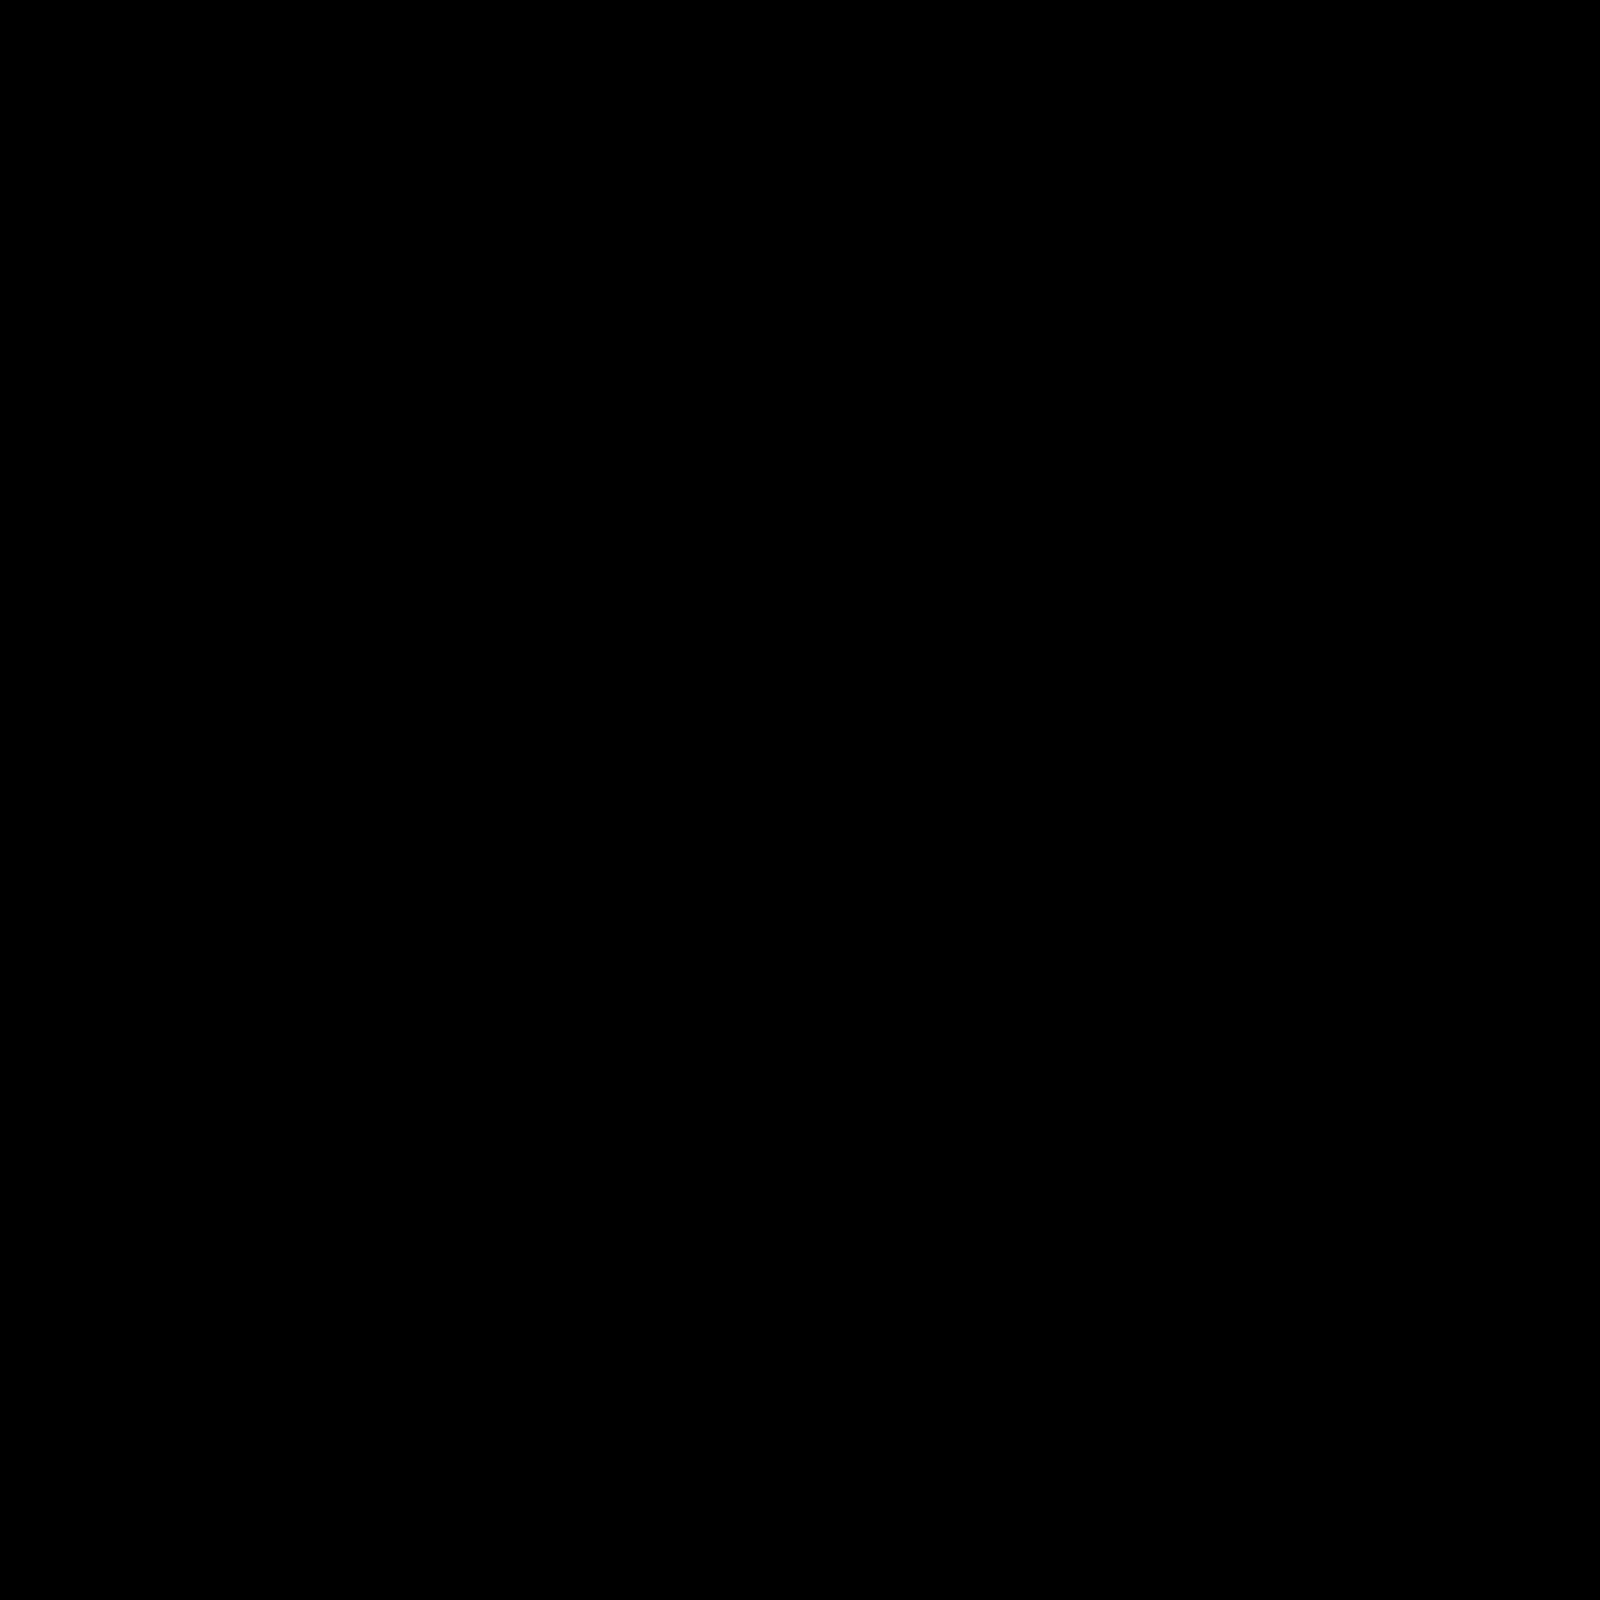 Wysoki skok icon